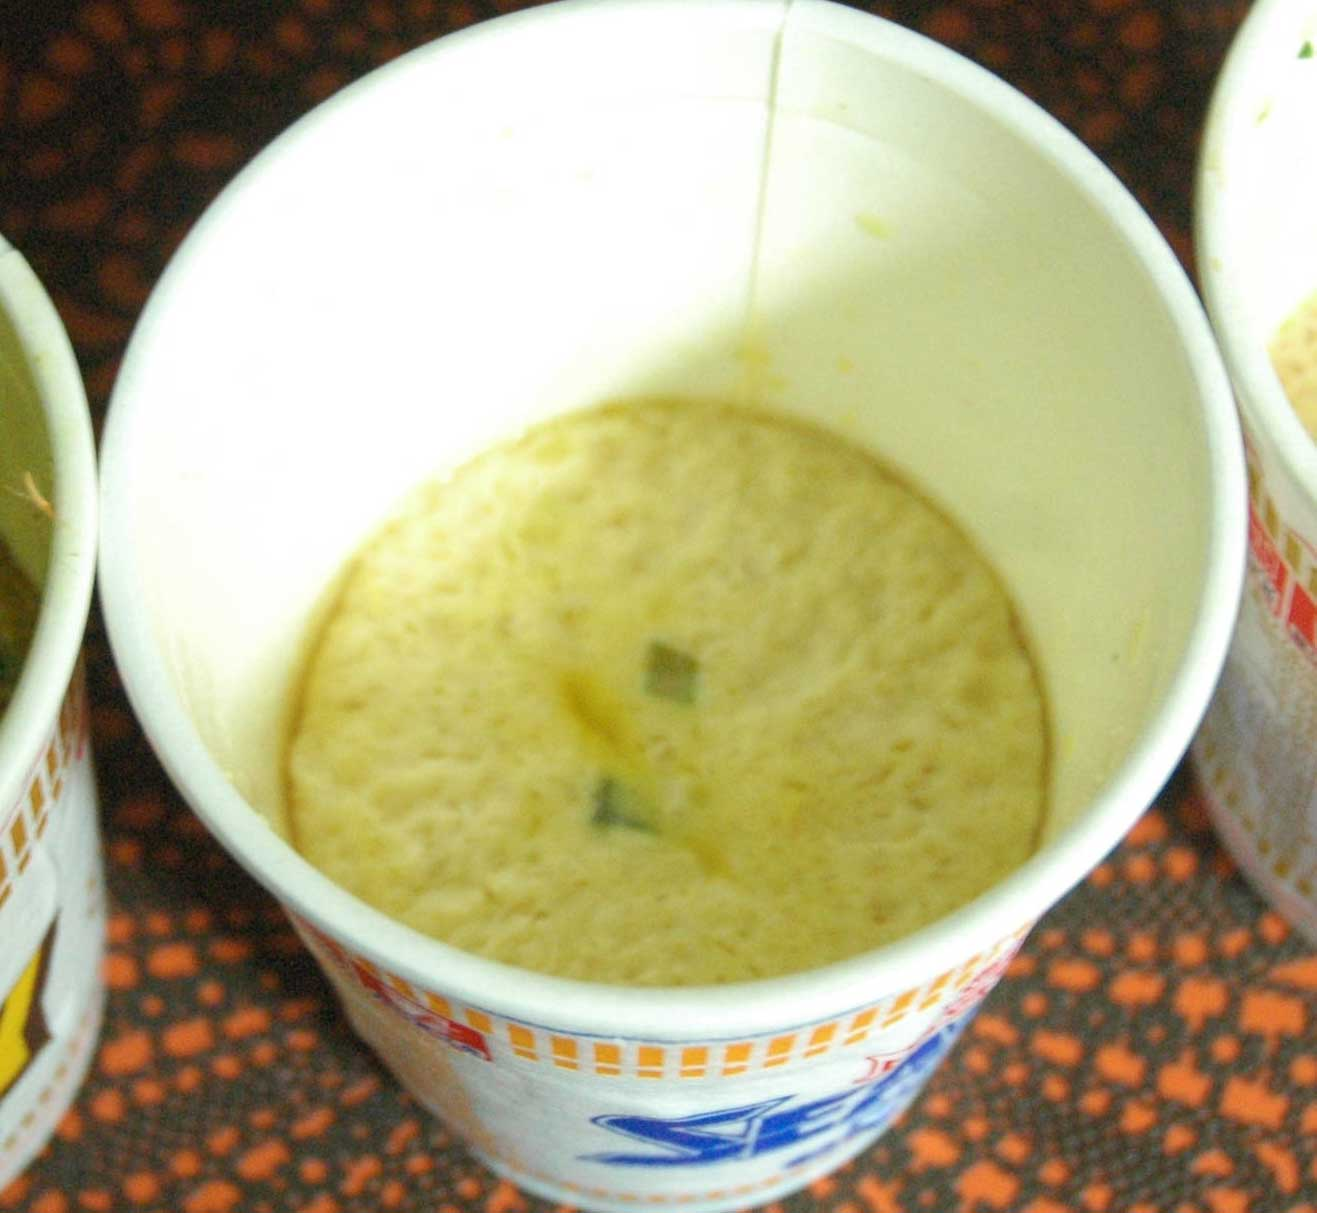 ネットで話題の『カップヌードル茶碗蒸し』がとんでも実験系レシピなので検証してみた